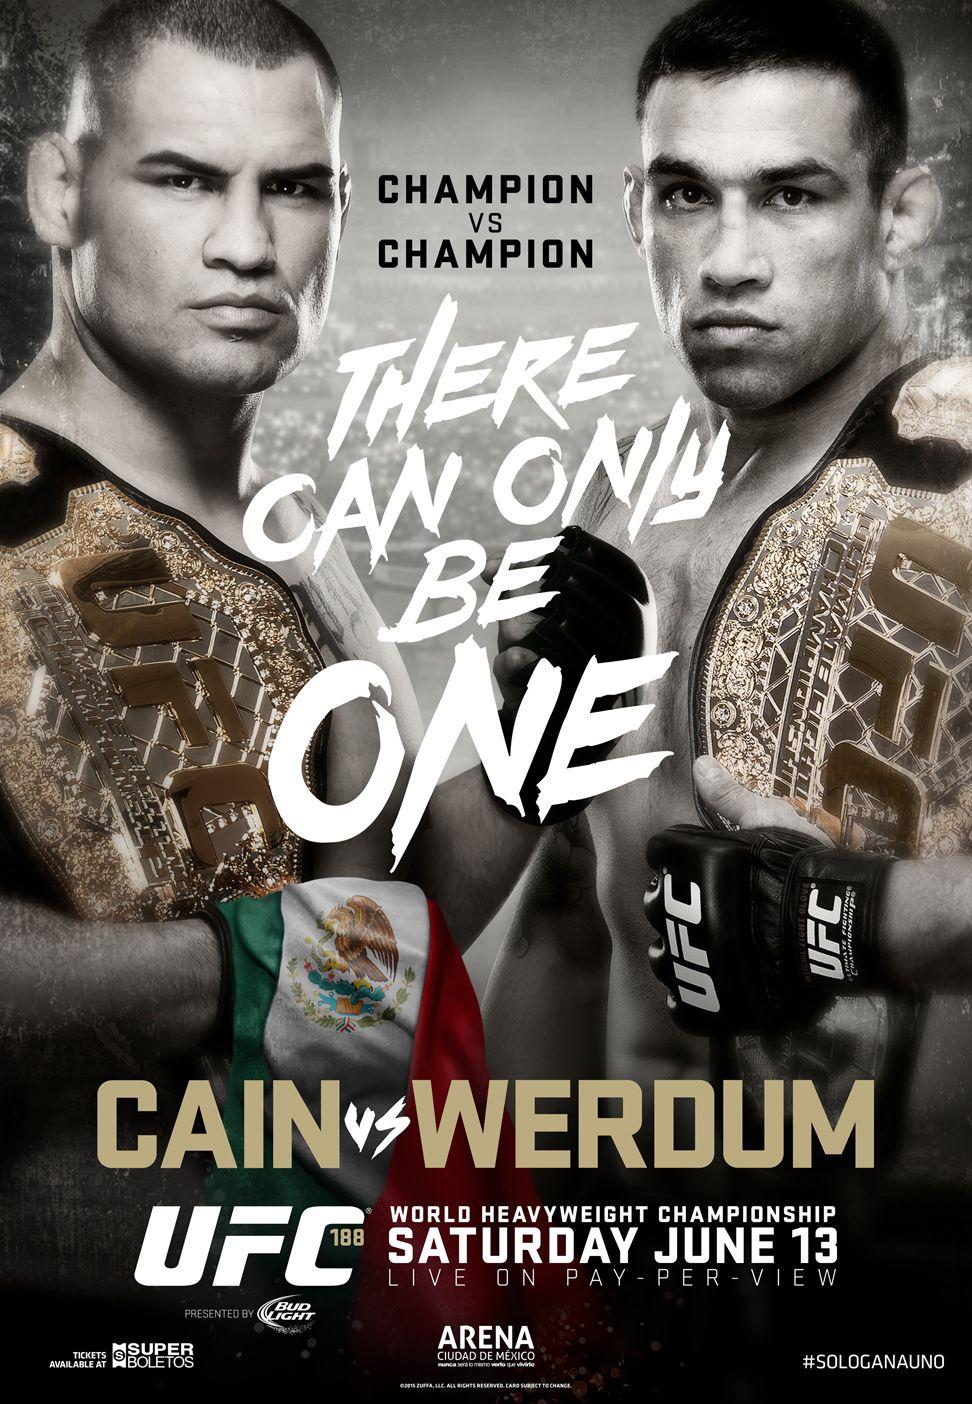 UFC 188 Velasquez vs. Werdum Cain velasquez, Ufc, Ufc